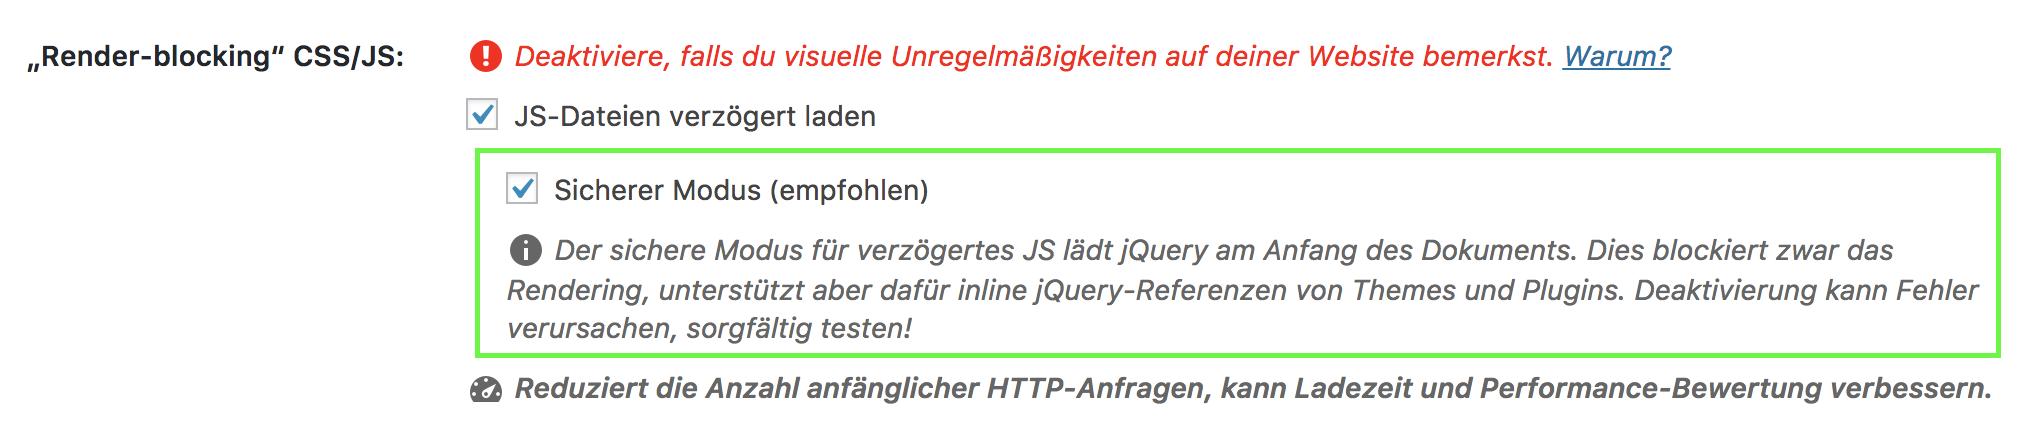 Sichere Modus für verzögertes JS sorgt dafür, dass jQuery nicht verzögert geladen wird.